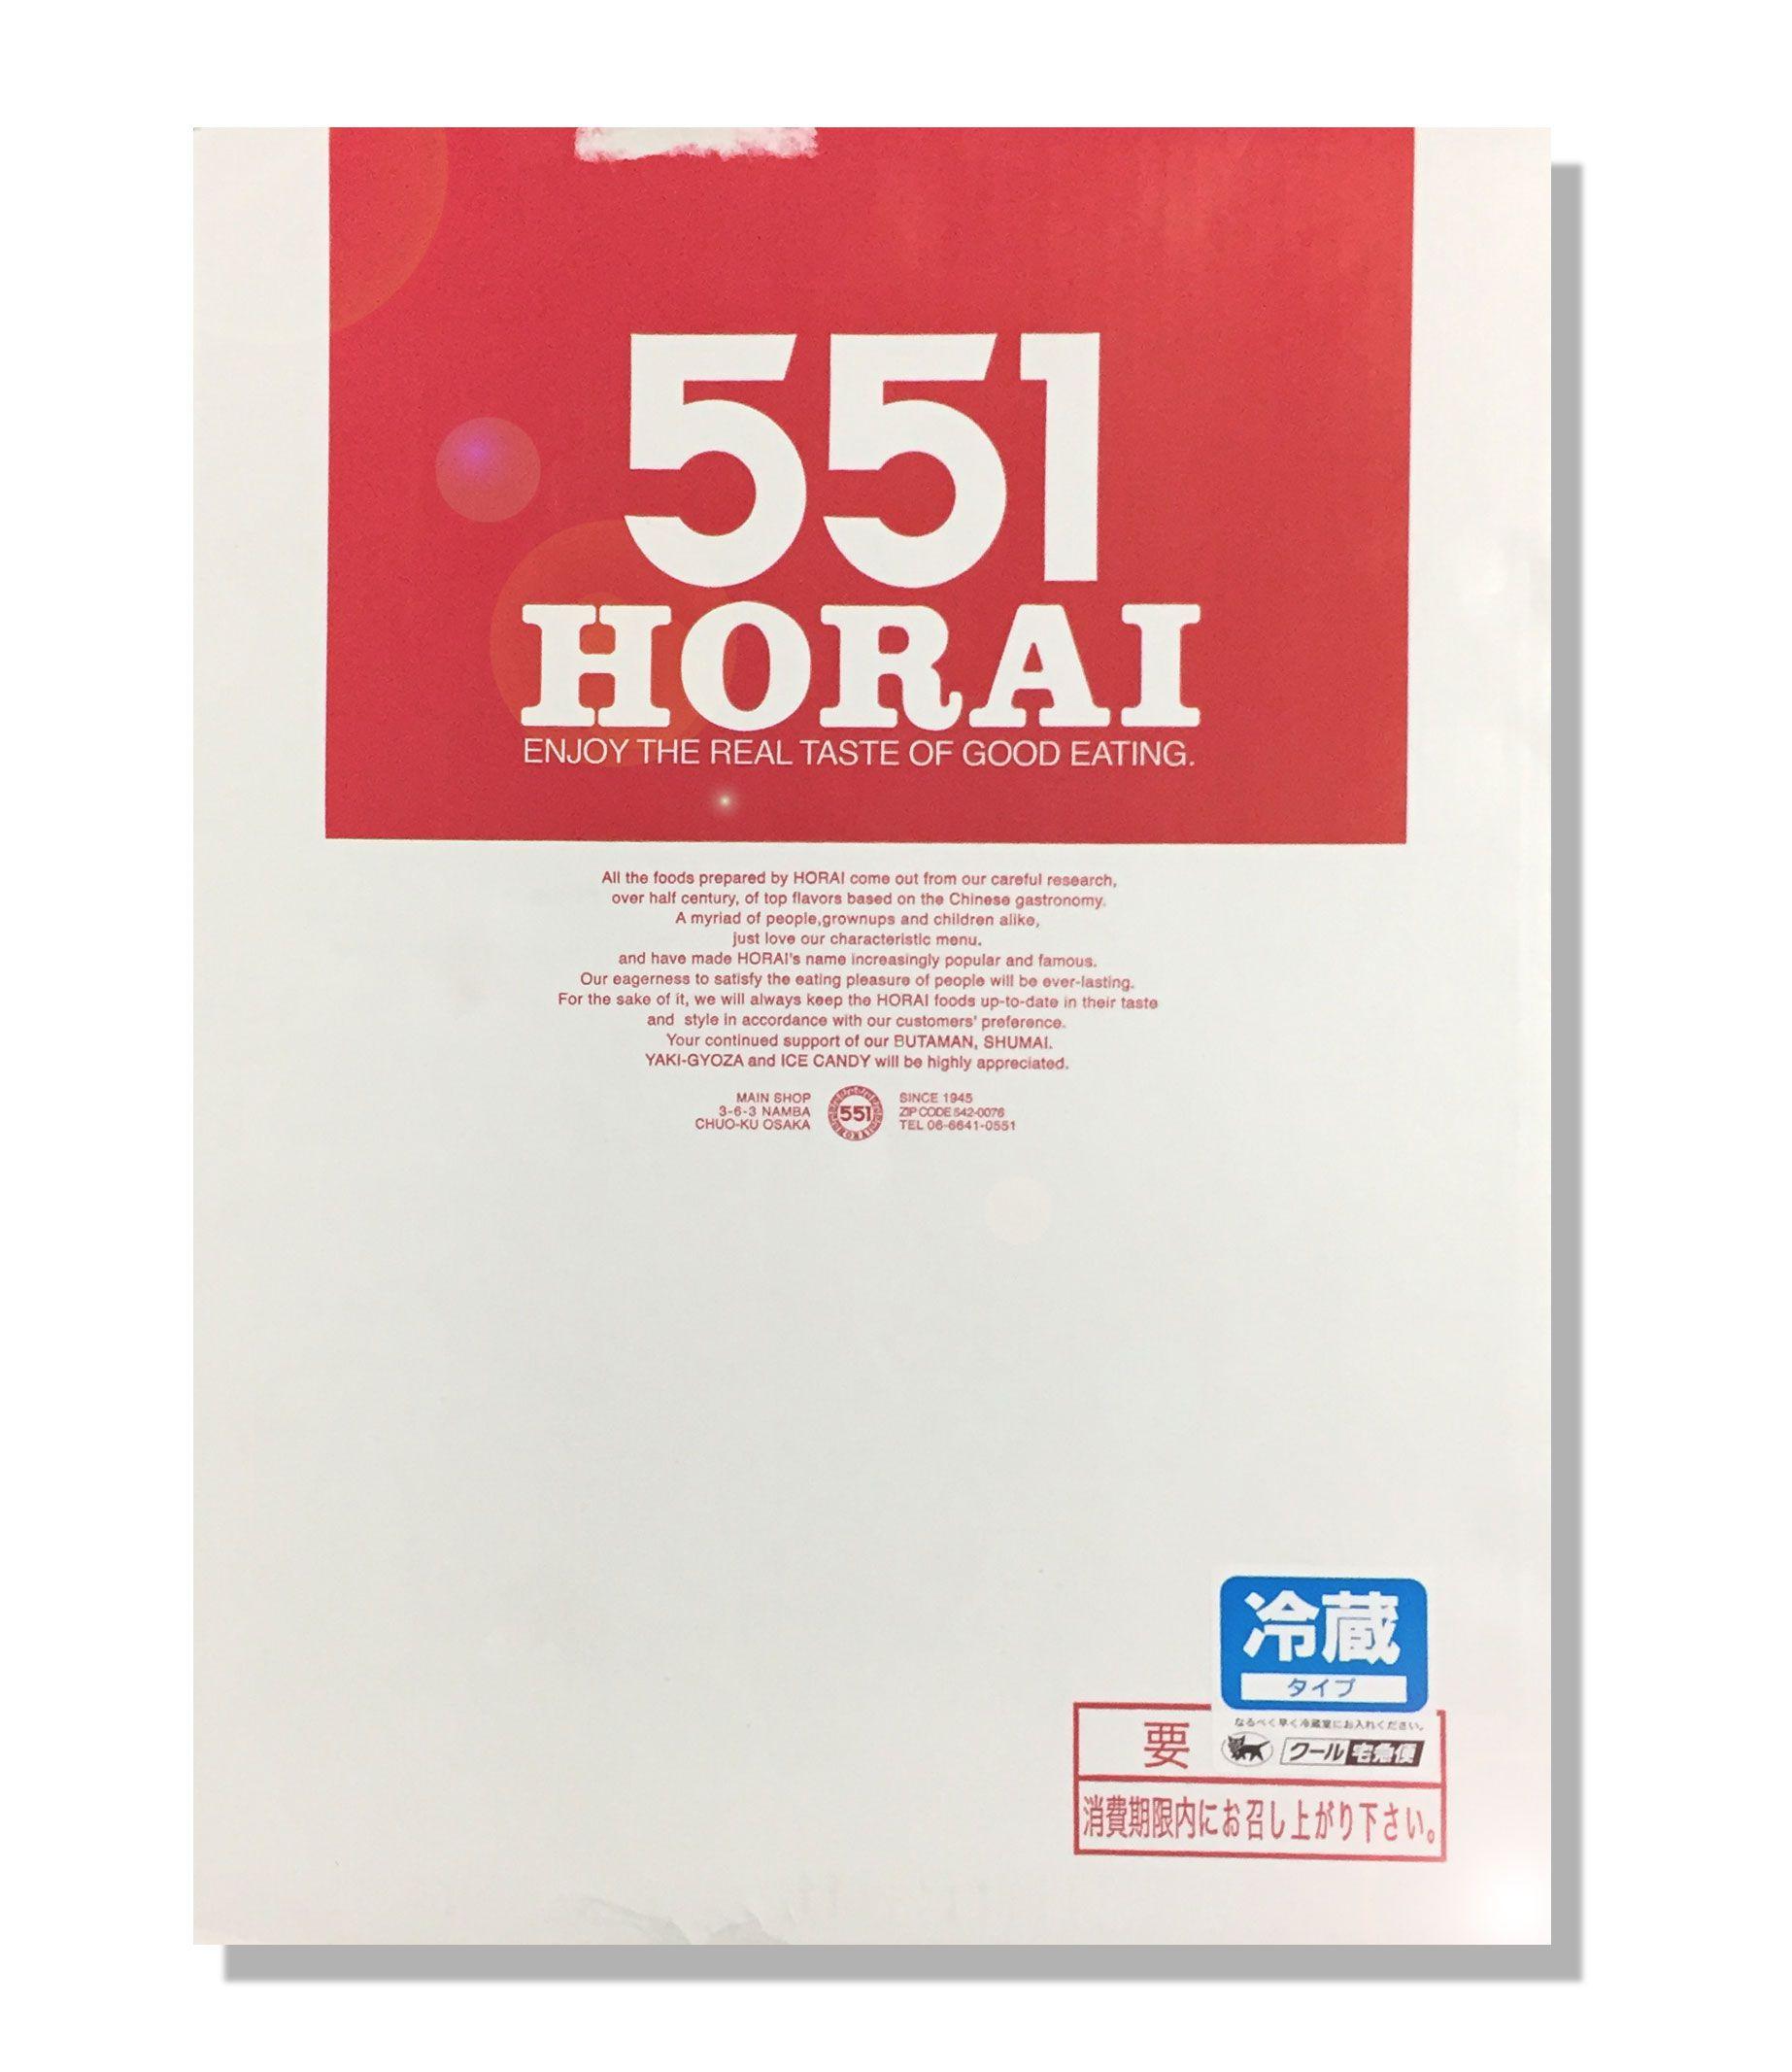 大阪名物・蓬莱551の豚まん 通販01